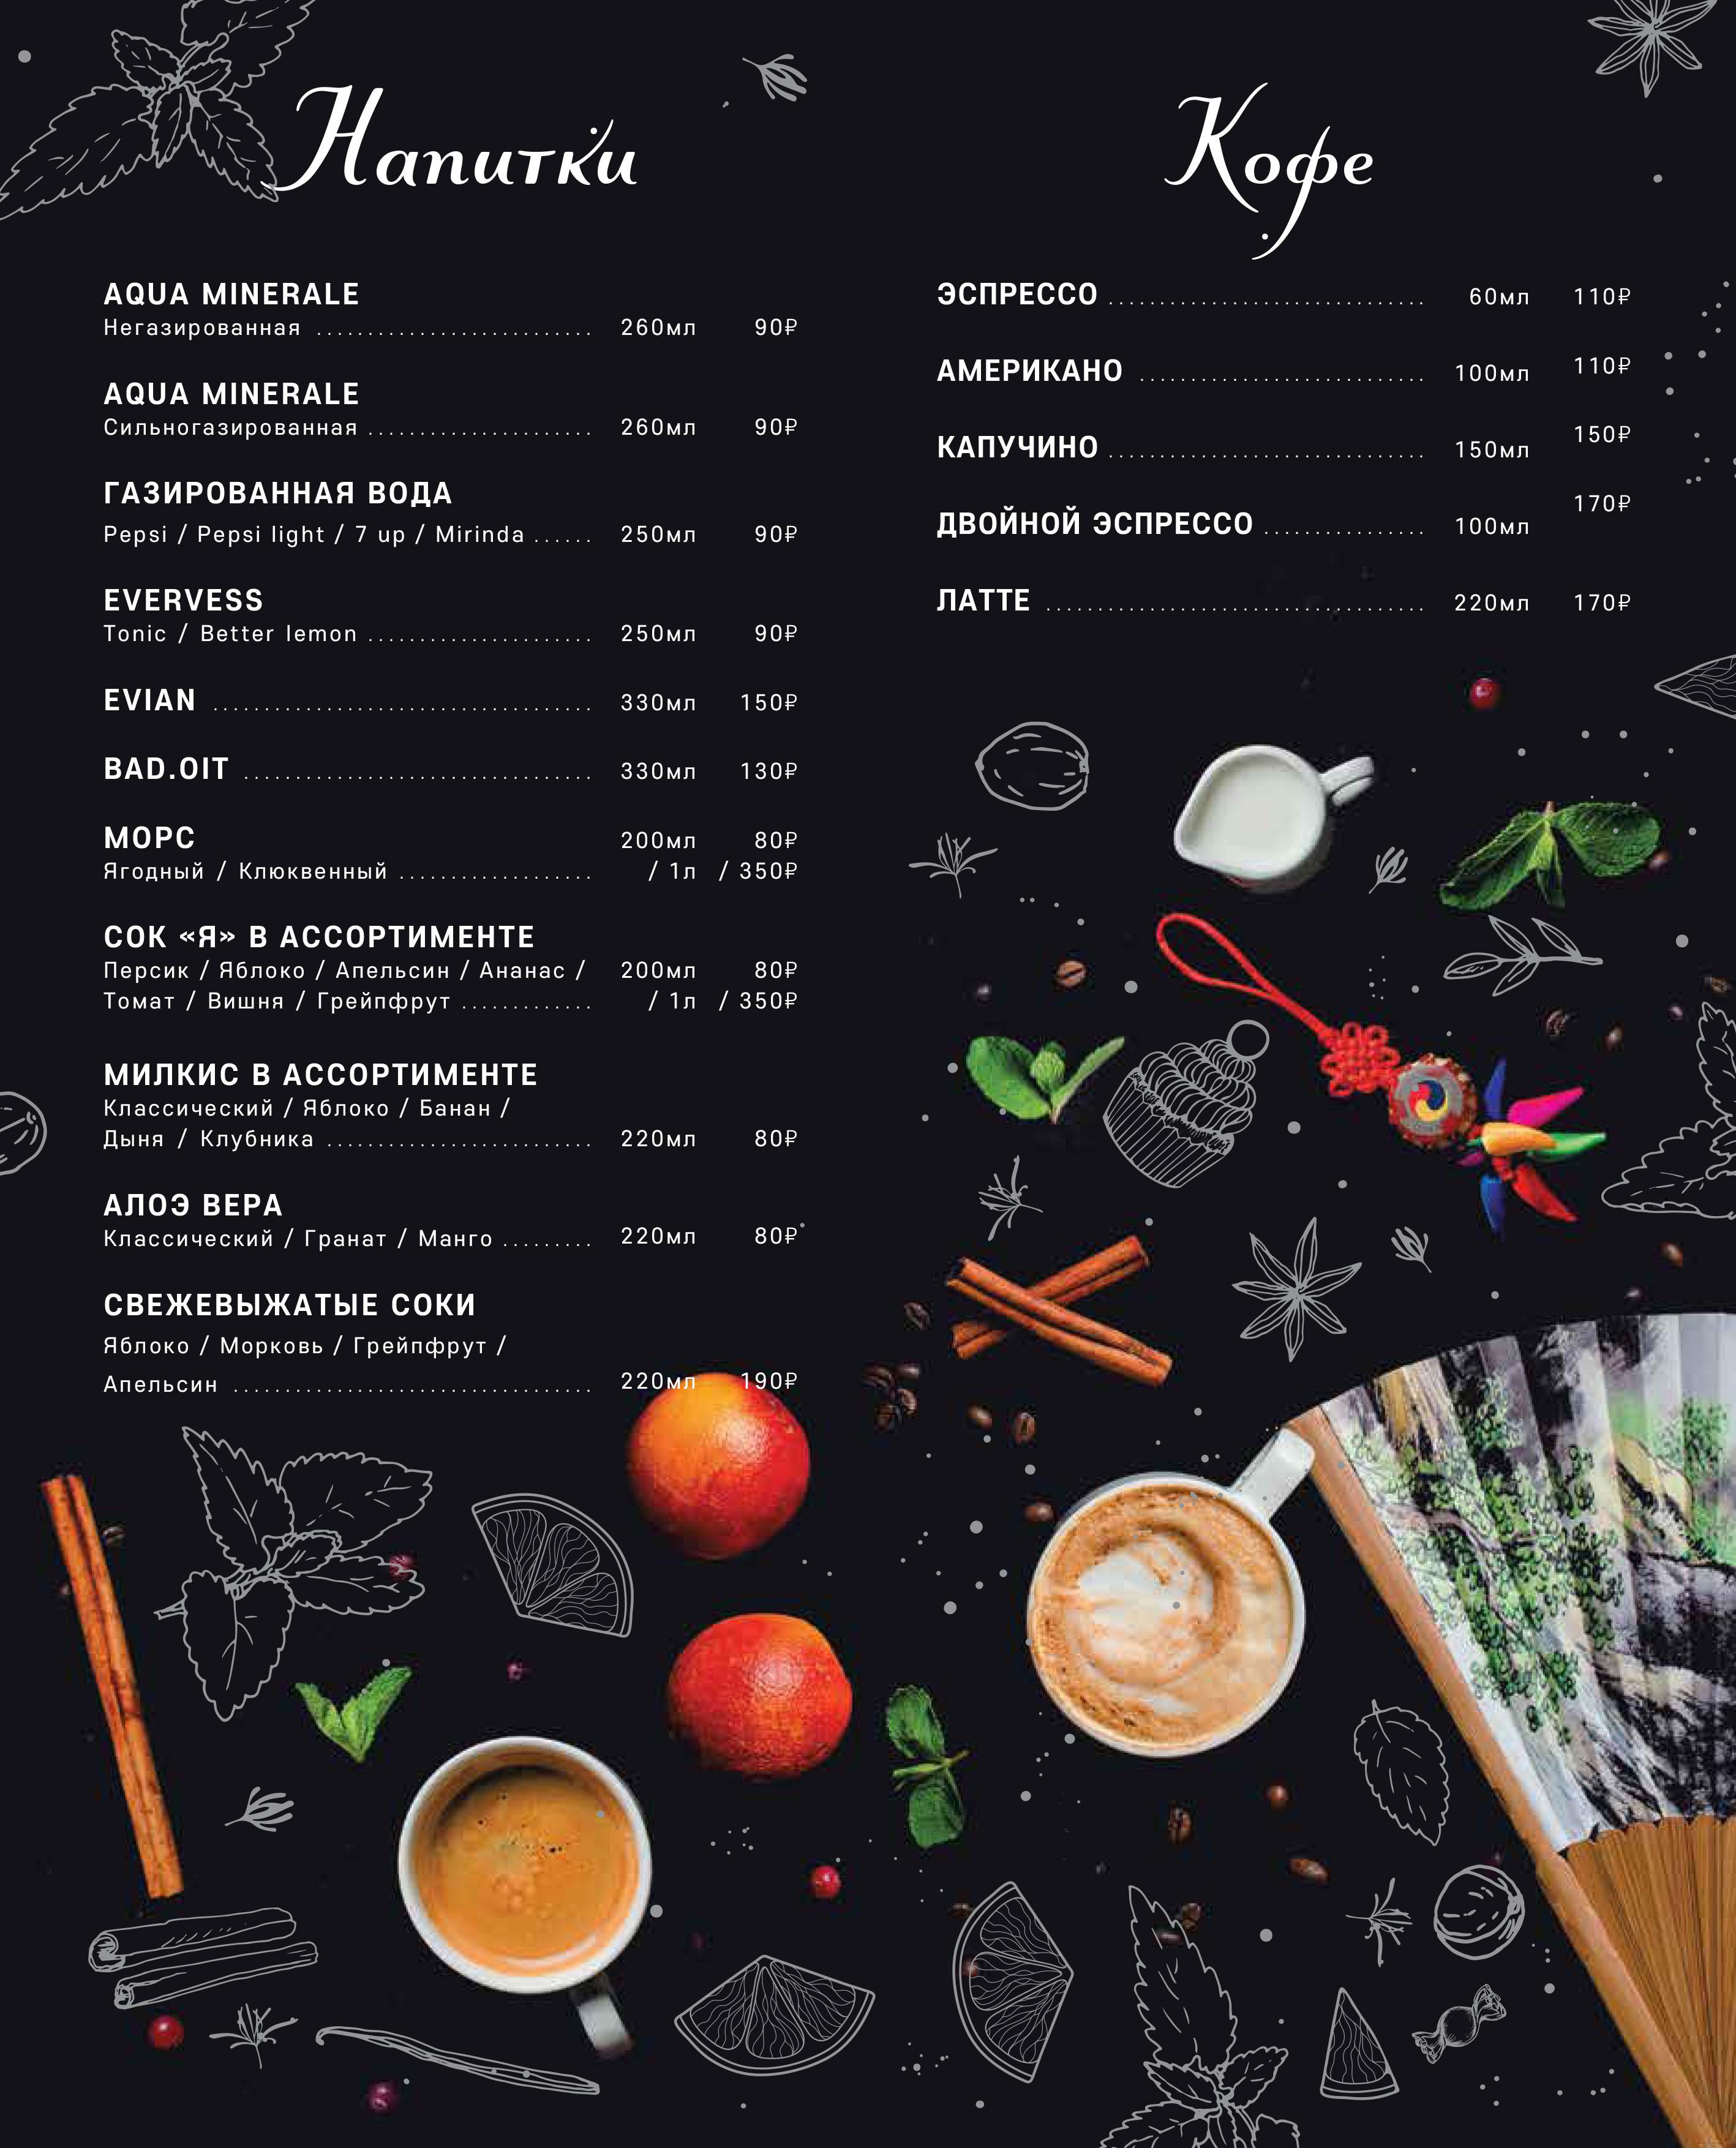 Барная карта сети ресторанов Кореана